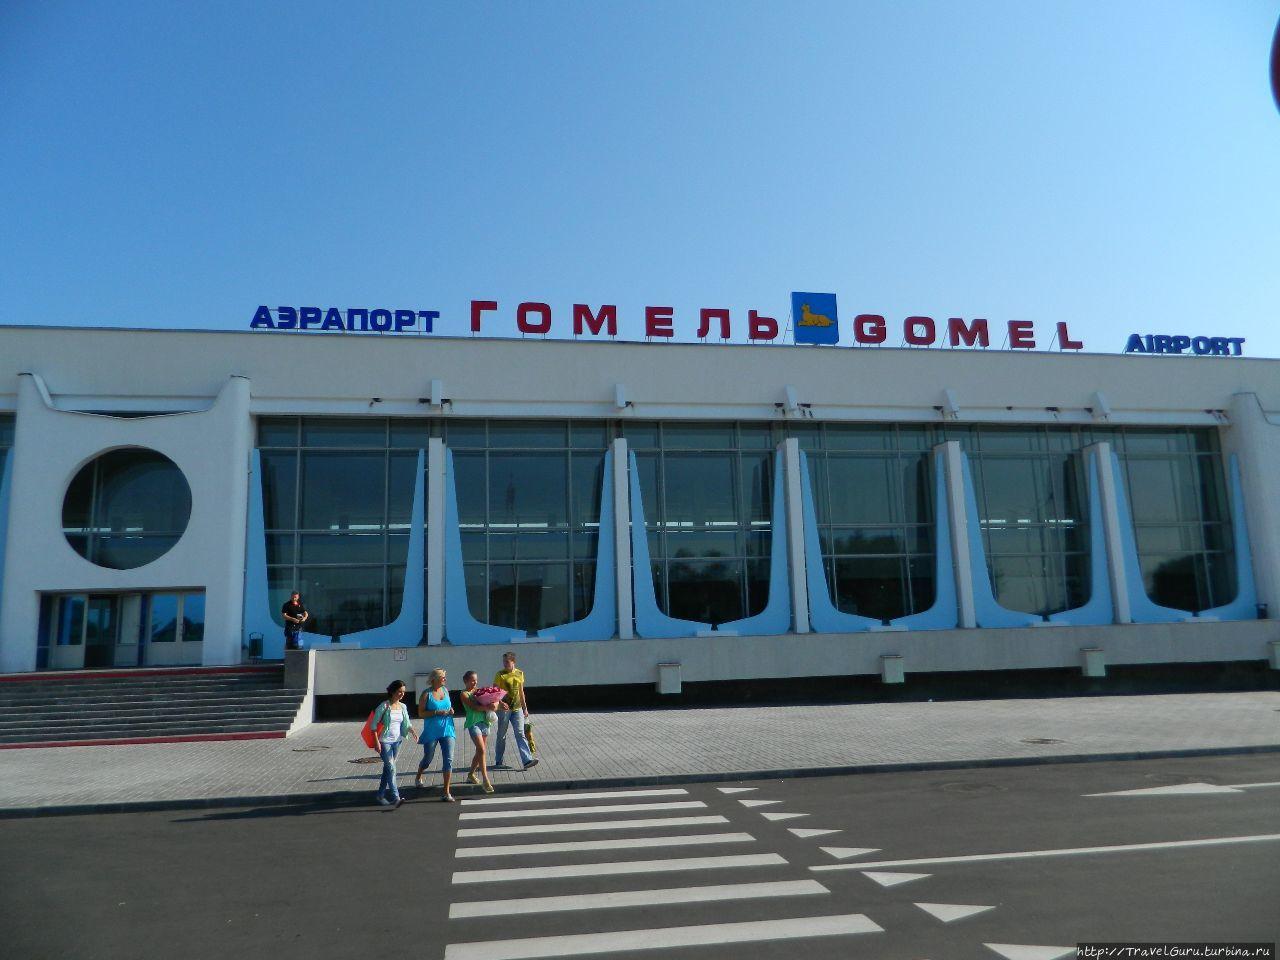 Аэропорт Гомеля